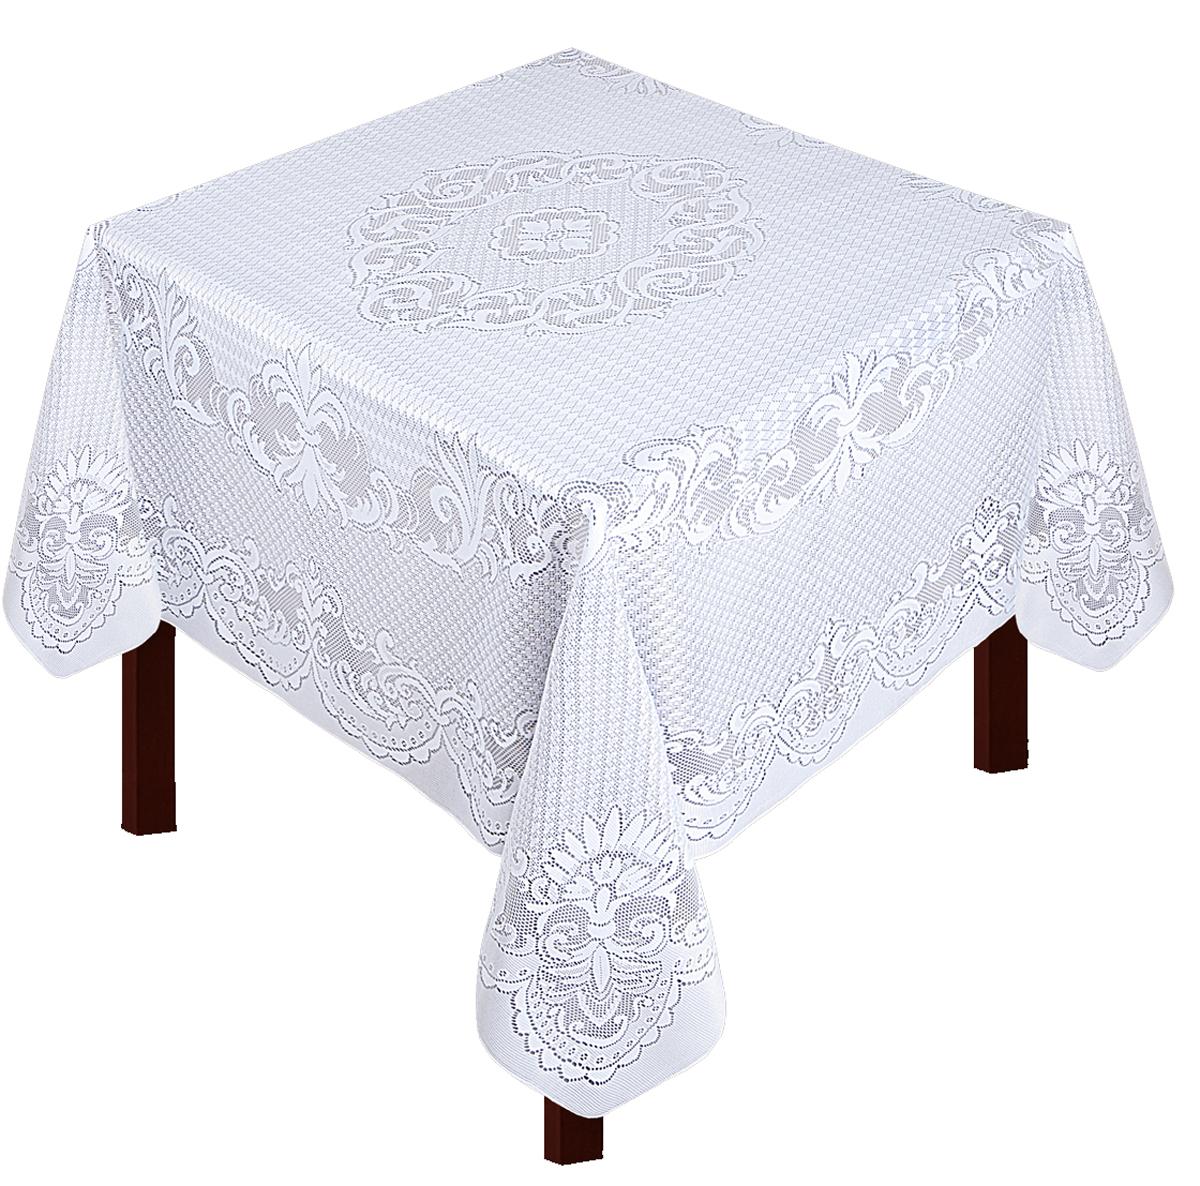 Скатерть Zlata Korunka, прямоугольная, цвет: белый, 175 х 165 см80018Скатерть прямоугольная р.175*165, 100% п/э, белый. Скатерть не мнется, легко стирается и очень быстро сохнет